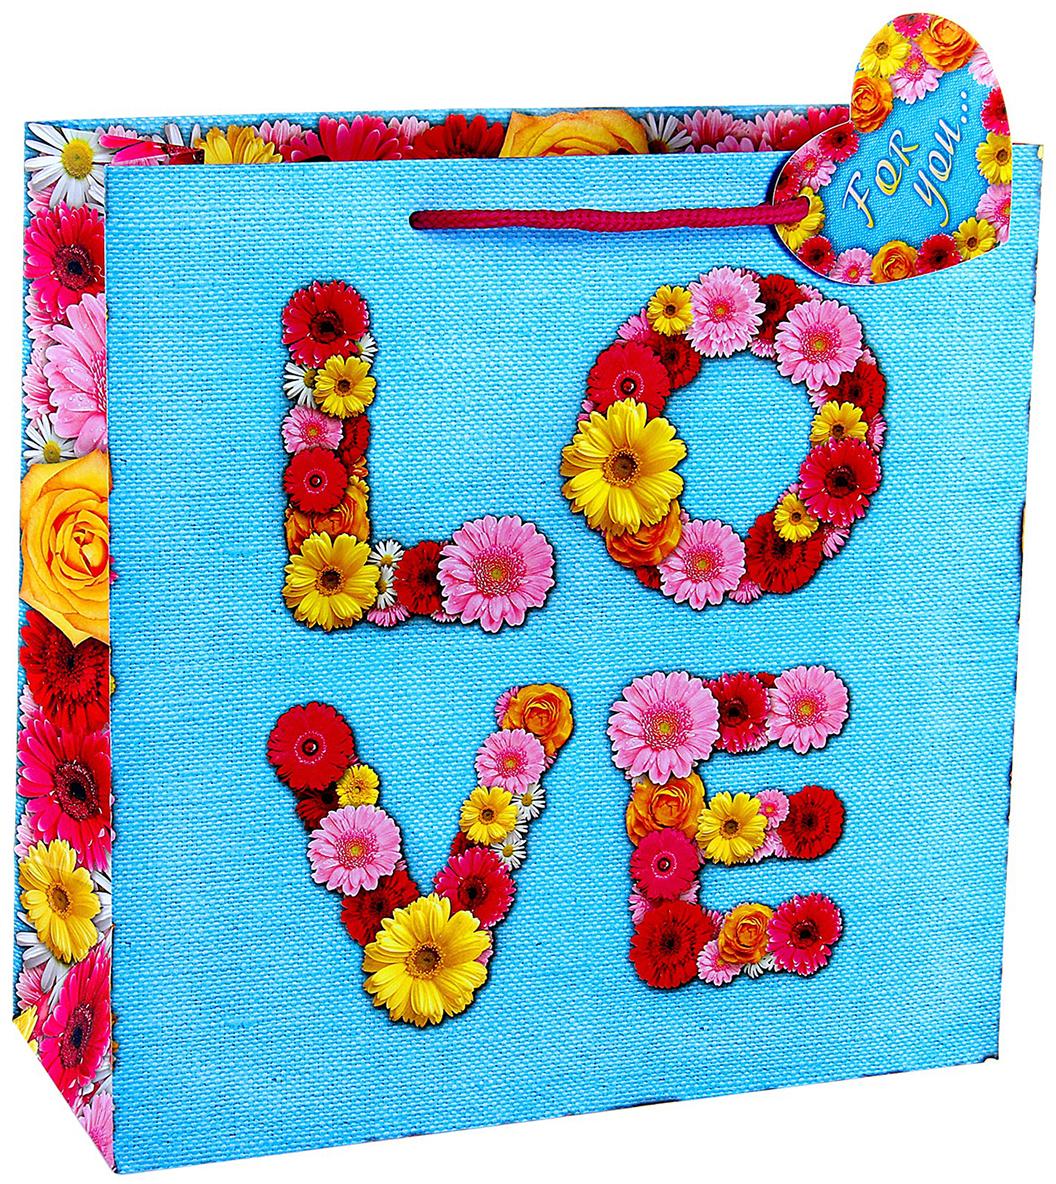 Пакет подарочный Дарите Счастье Любовь, цвет: мультиколор, 32 х 32 см. 765341765341Ламинированные бумажные пакеты - лидеры по популярности среди подарочной упаковки. Для этого есть несколько причин:Красота - ламинированные пакеты выглядят ярко и эффектно. Прочность - он способен выдержать до 10 кг. Надежность - благодаря качественной печати рисунок не сотрется и не выгорит. Широкий выбор ламинированных пакетов позволит найти упаковку для подарка для любого повода.